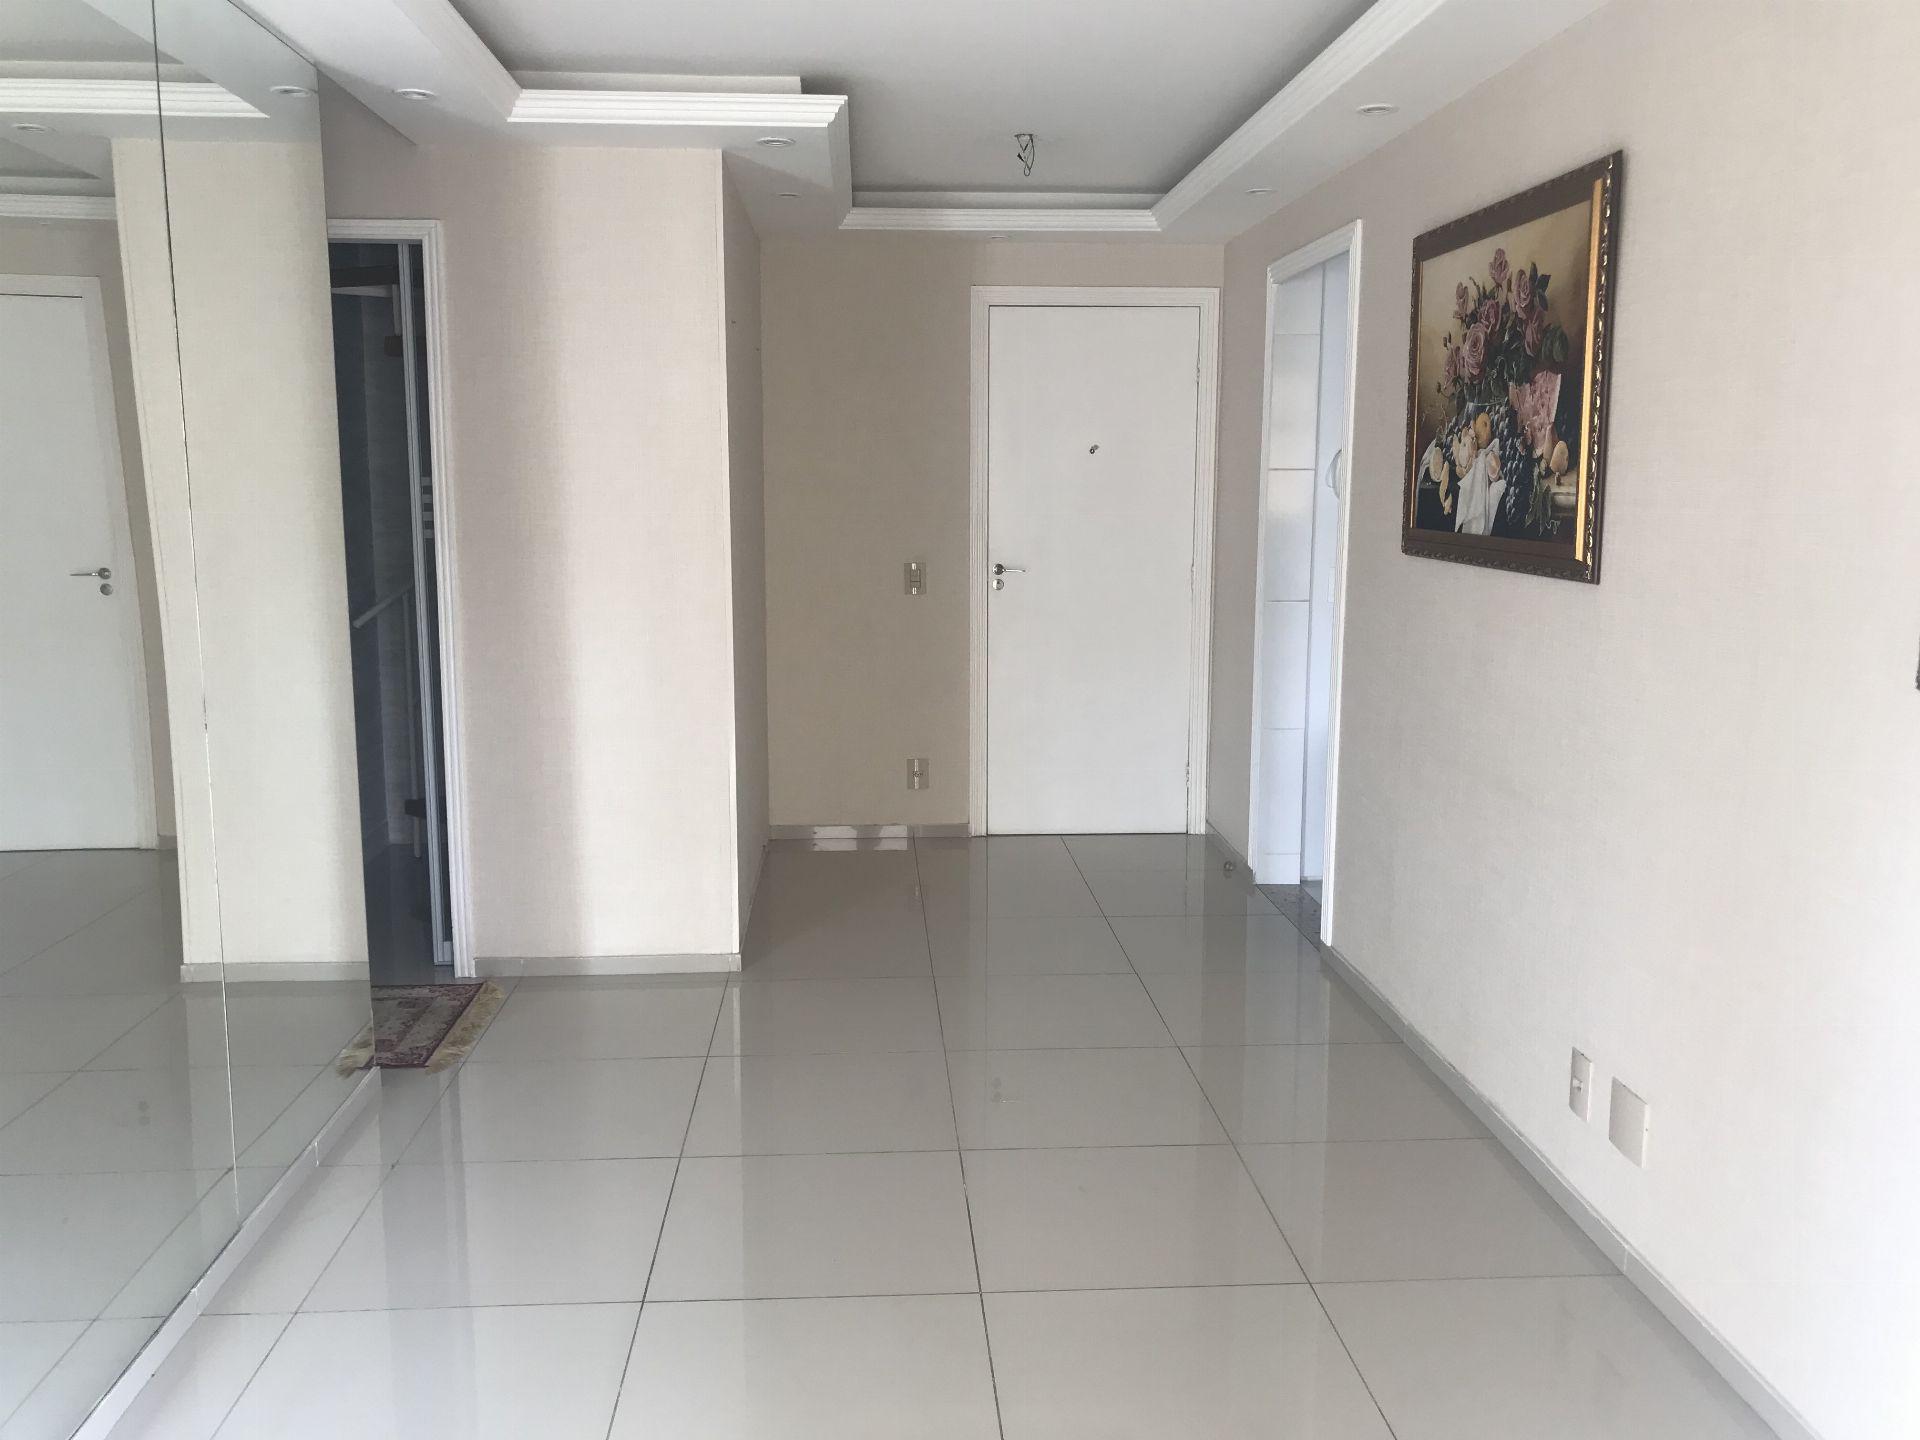 FOTO 3 - Cobertura à venda Rua Aladim,Vila Valqueire, Rio de Janeiro - R$ 570.000 - RF119 - 4